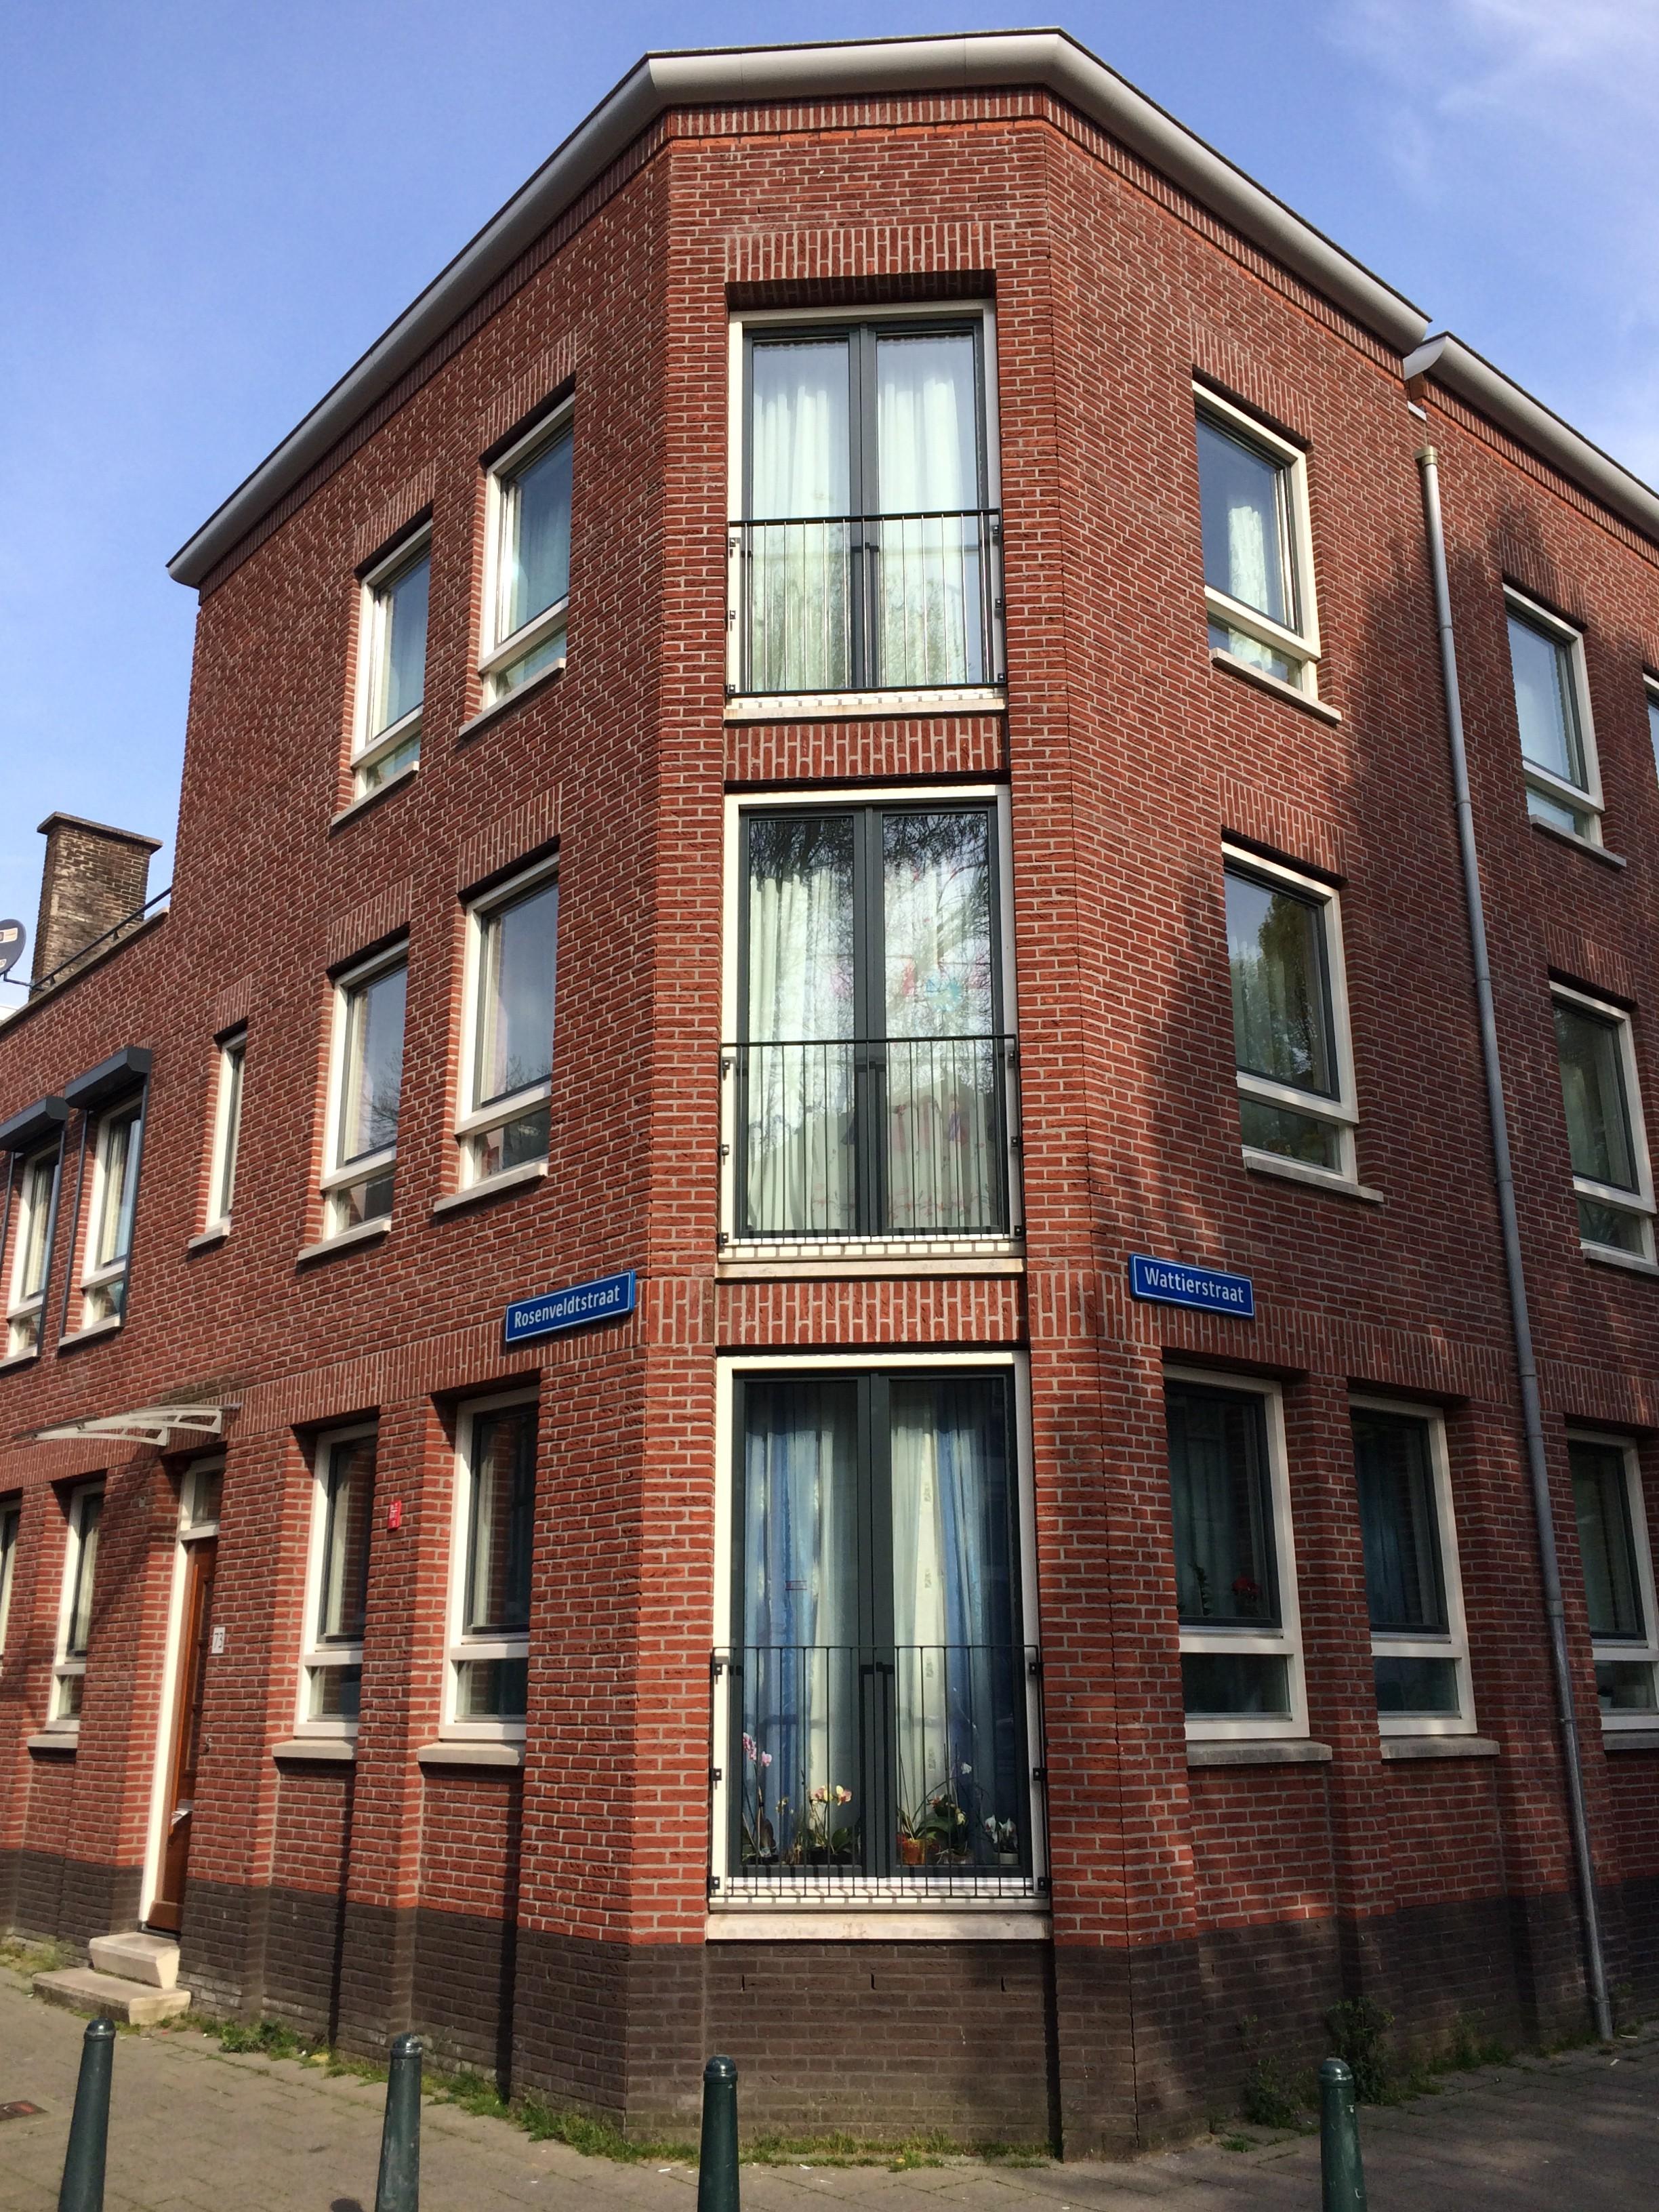 BKT_Havensteder_BAM_wattierstraat_Rotterdam_nieuwbouw_herenhuizen_Delfshaven_Lean_herstructurering_02.jpg